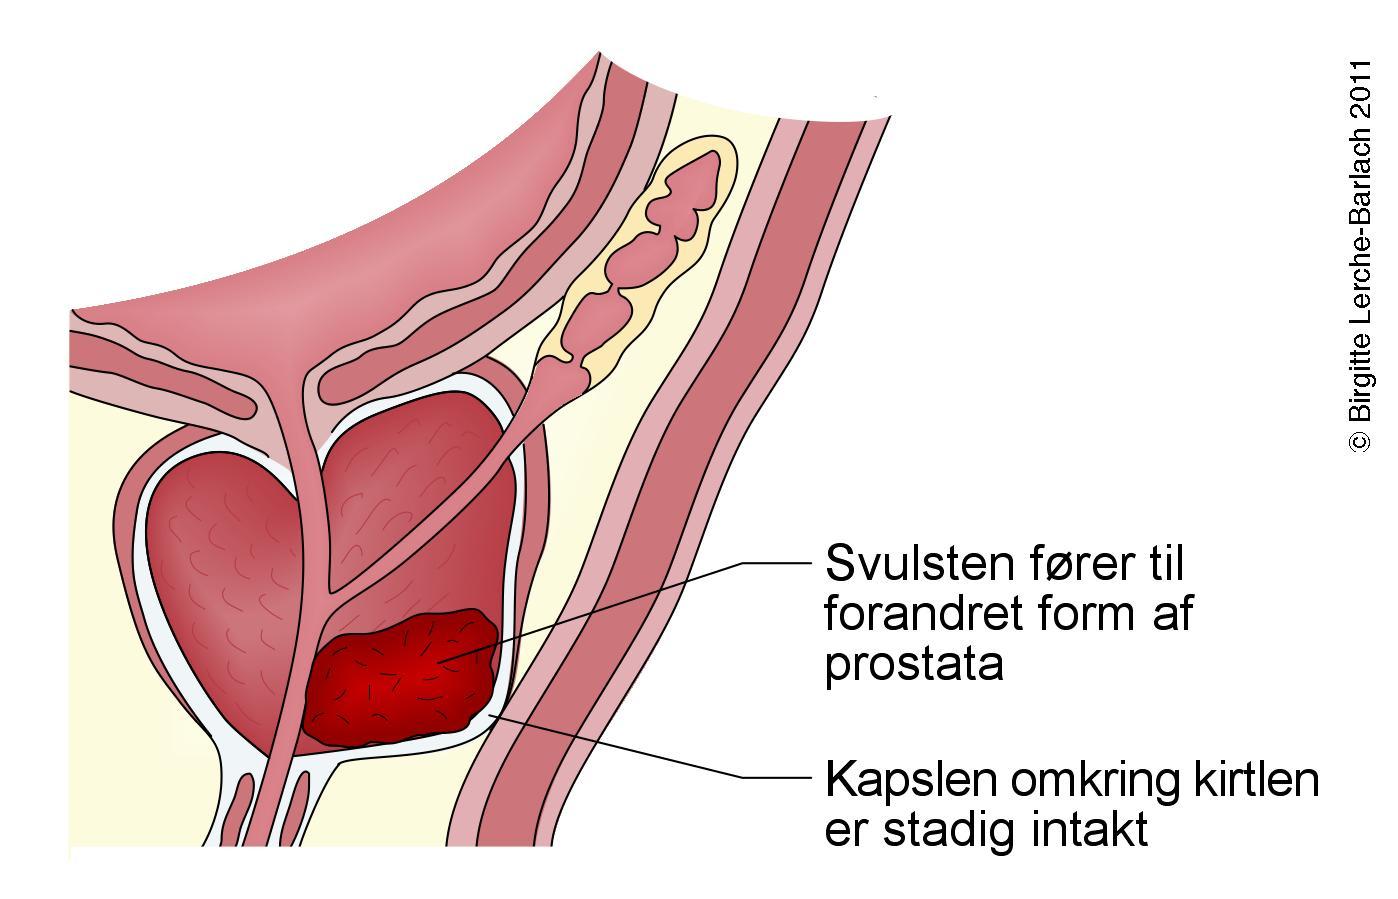 prostata dk